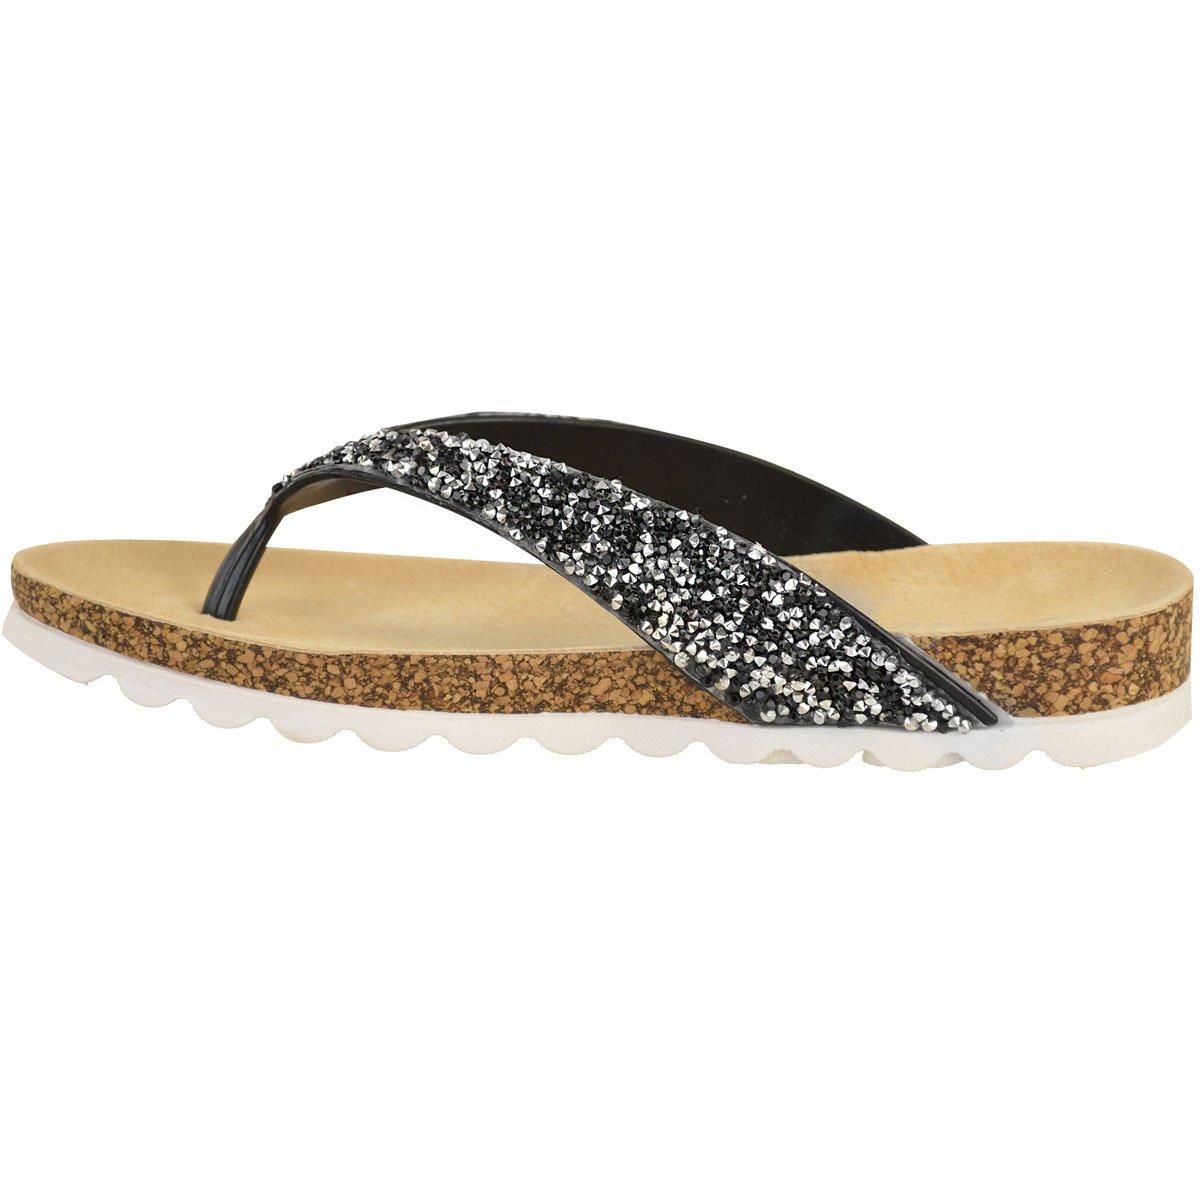 Damen Zehentrennersandalen - bequeme flache Sandalen mit gepolsterter Gel-Sohle - Schwarz Glitzer - EUR 39 LodalfStT1